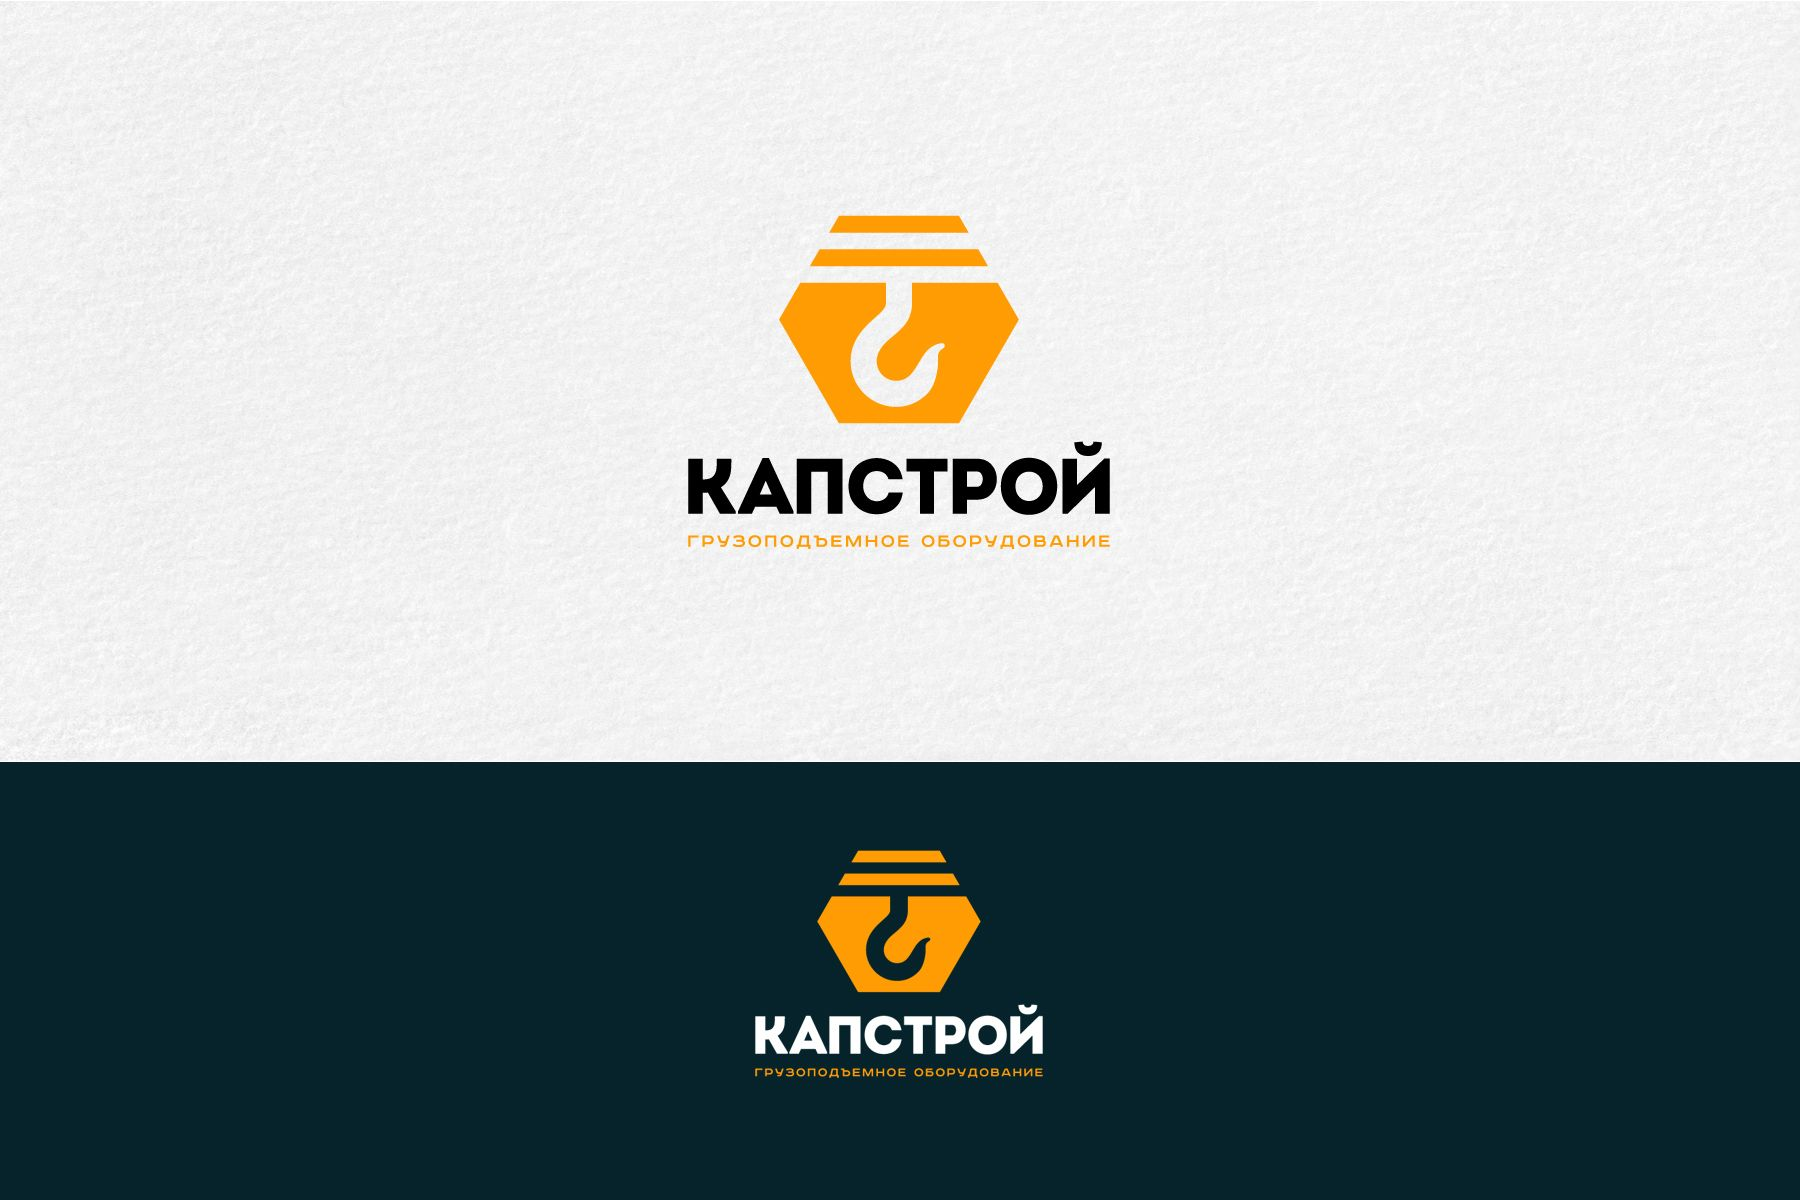 Лого и фирменный стиль для Капстрой  - дизайнер mz777